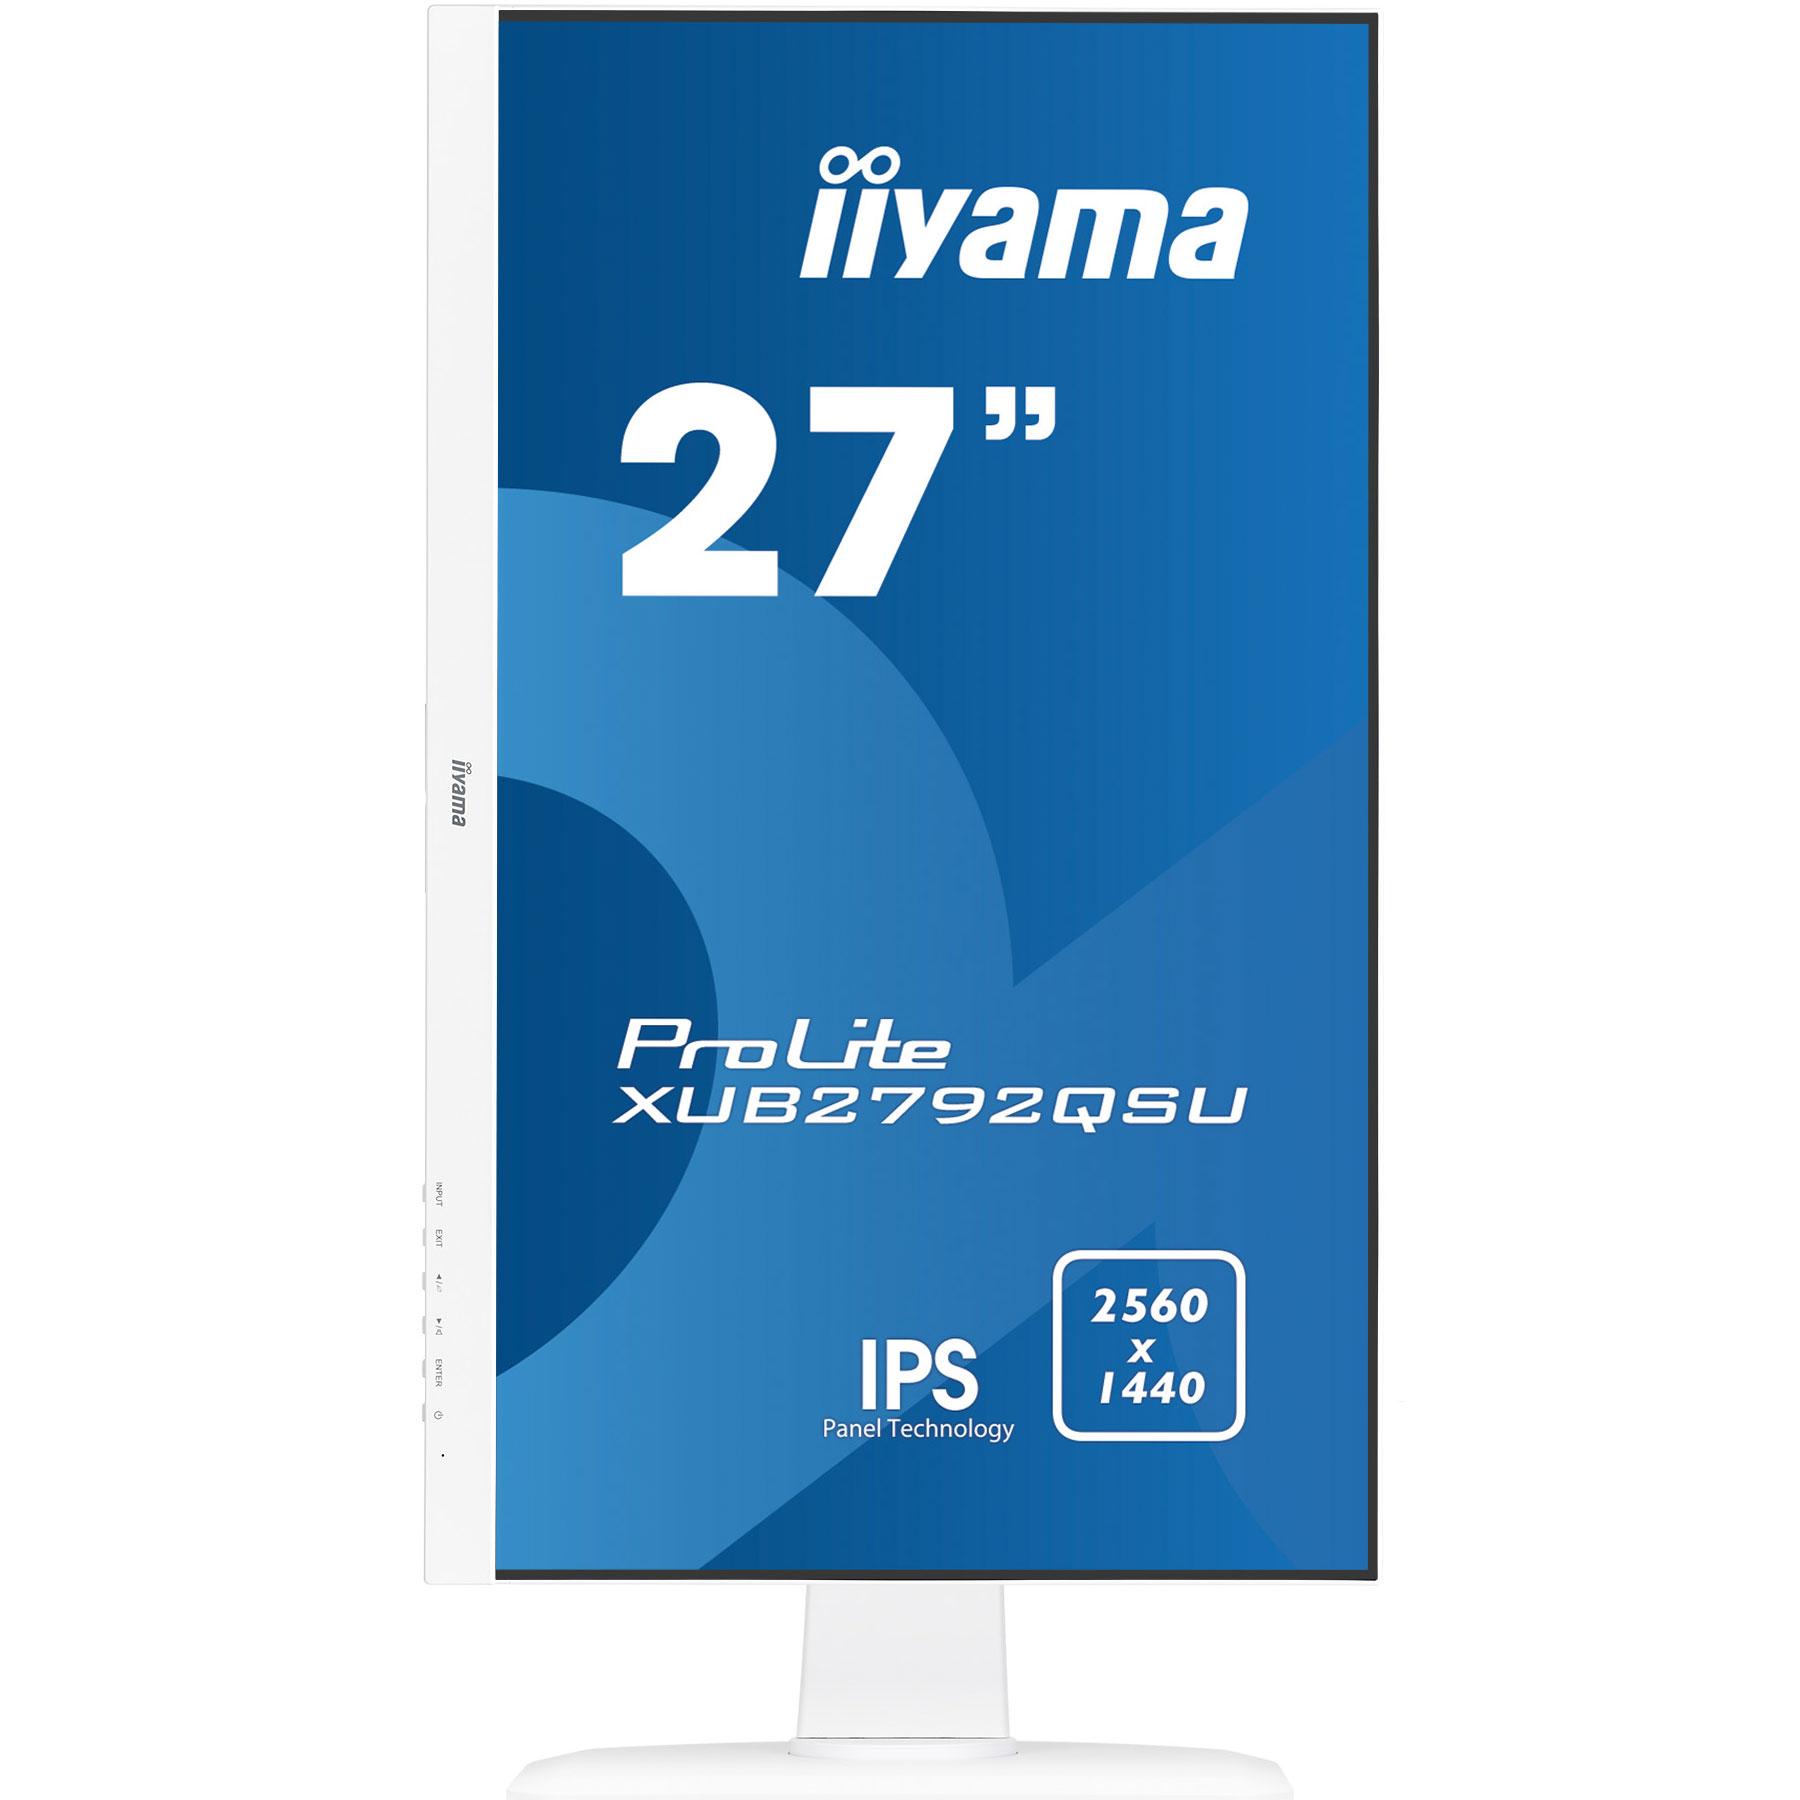 """Iiyama 27""""  XUB2792QSU-W1 - Ecran PC Iiyama - Cybertek.fr - 1"""